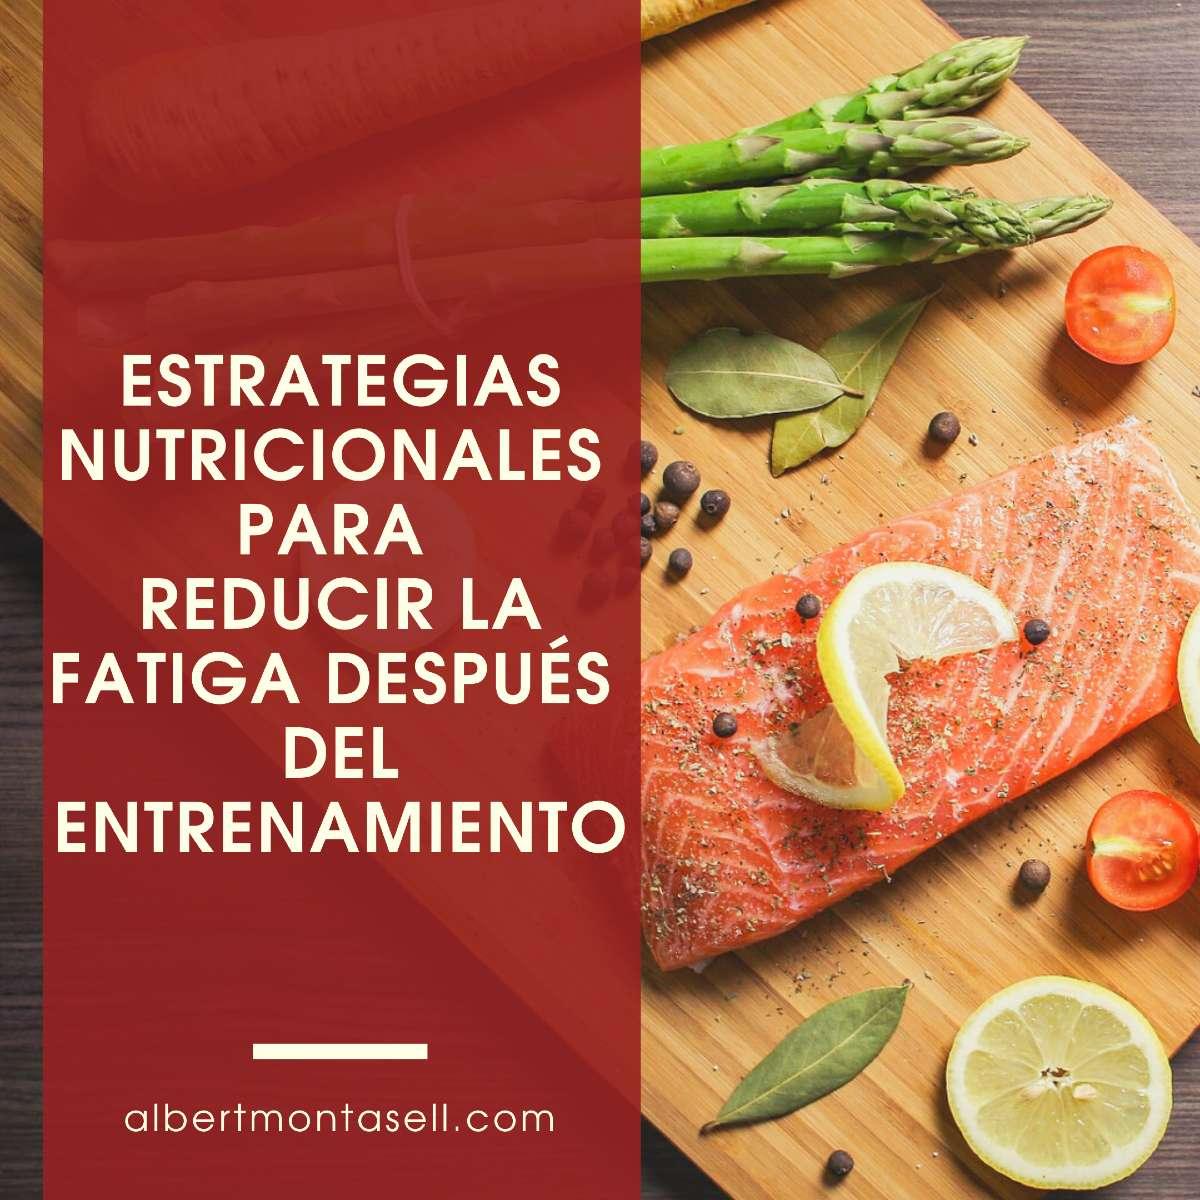 estrategias nutricionales para reducir la fatiga en el entrenamiento